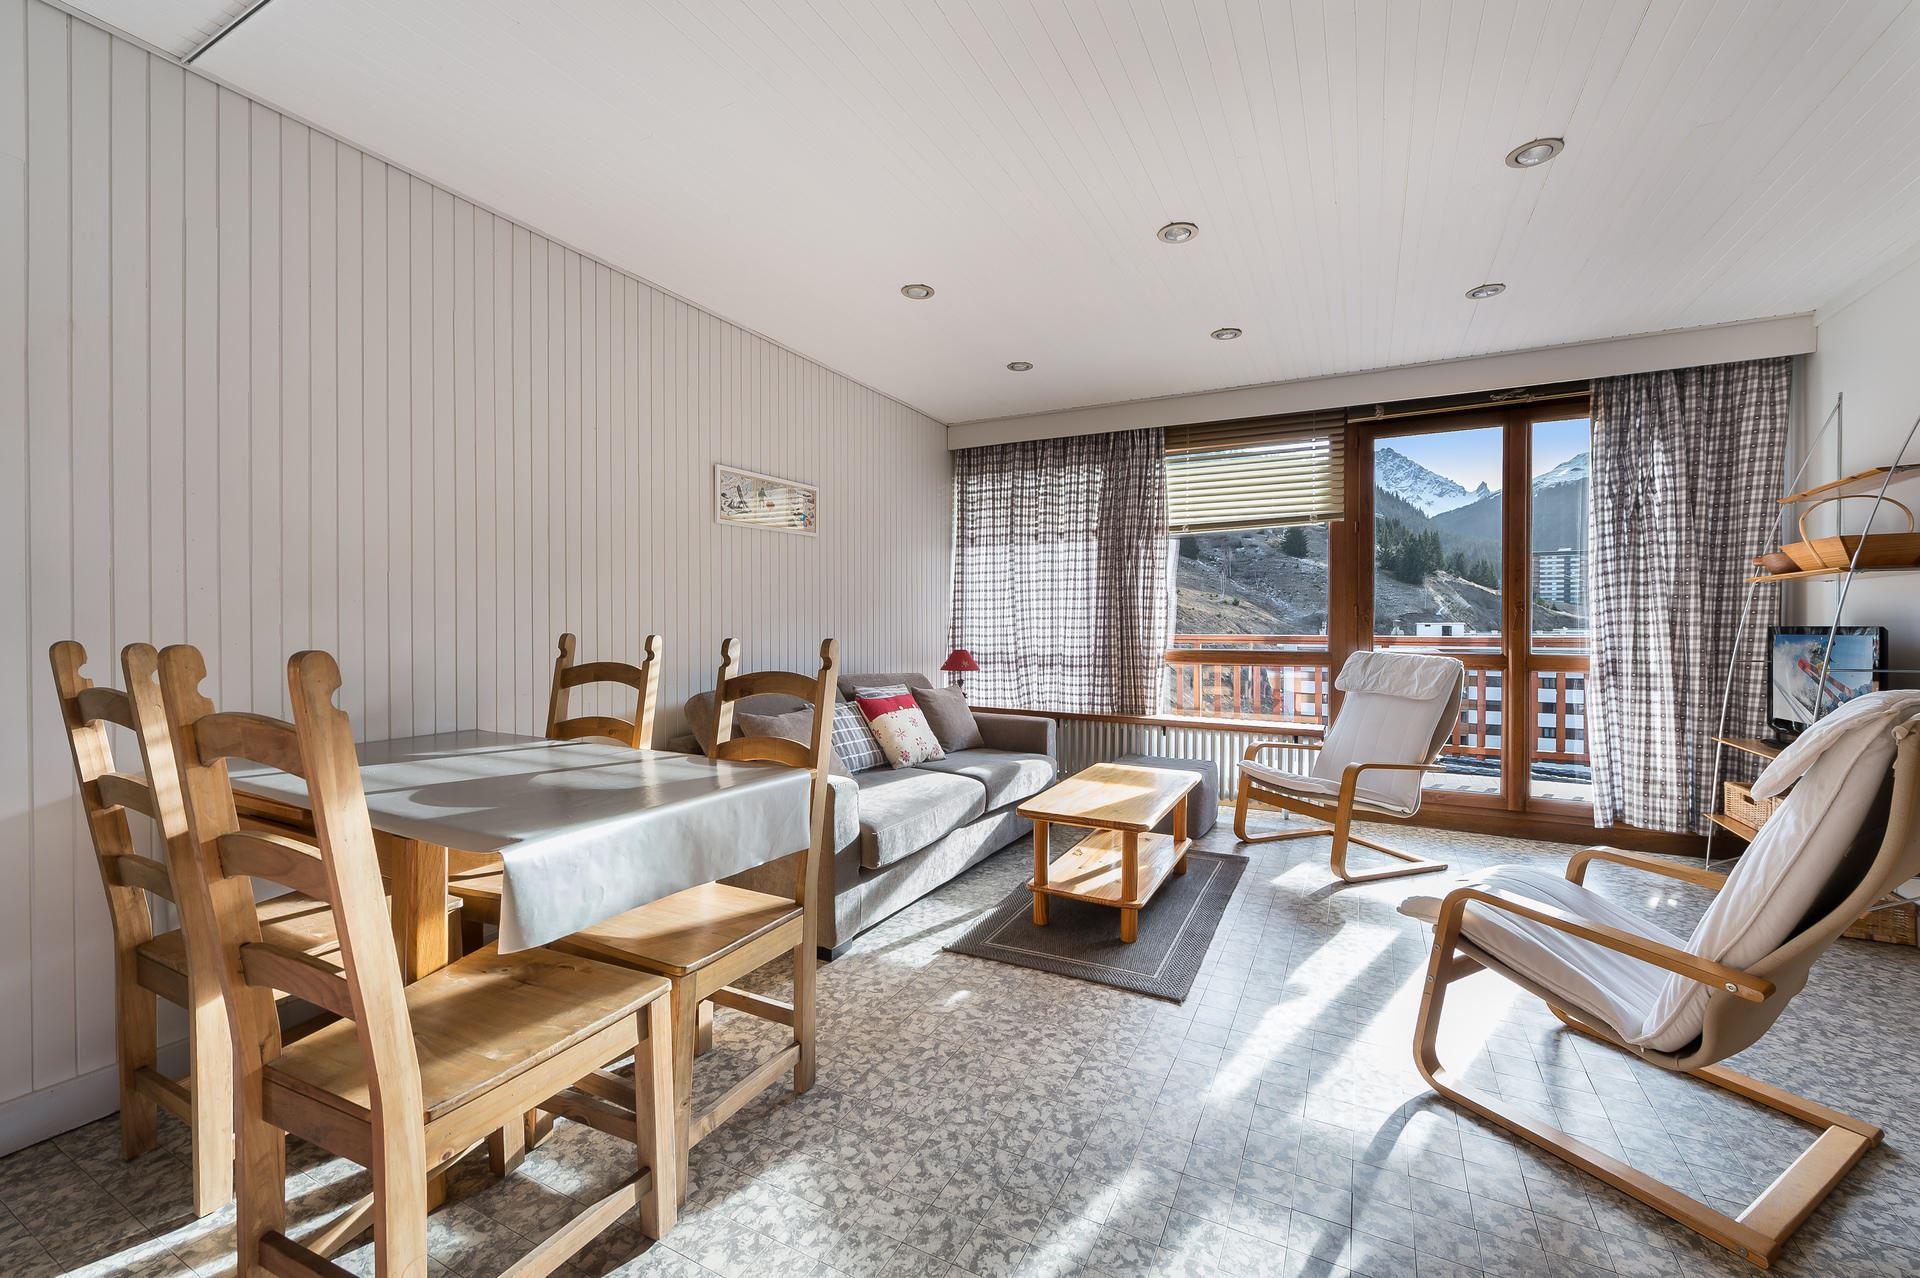 1 studio 4 personnes skis aux pieds / RESIDENCE 1650 26 (montagne de charme)